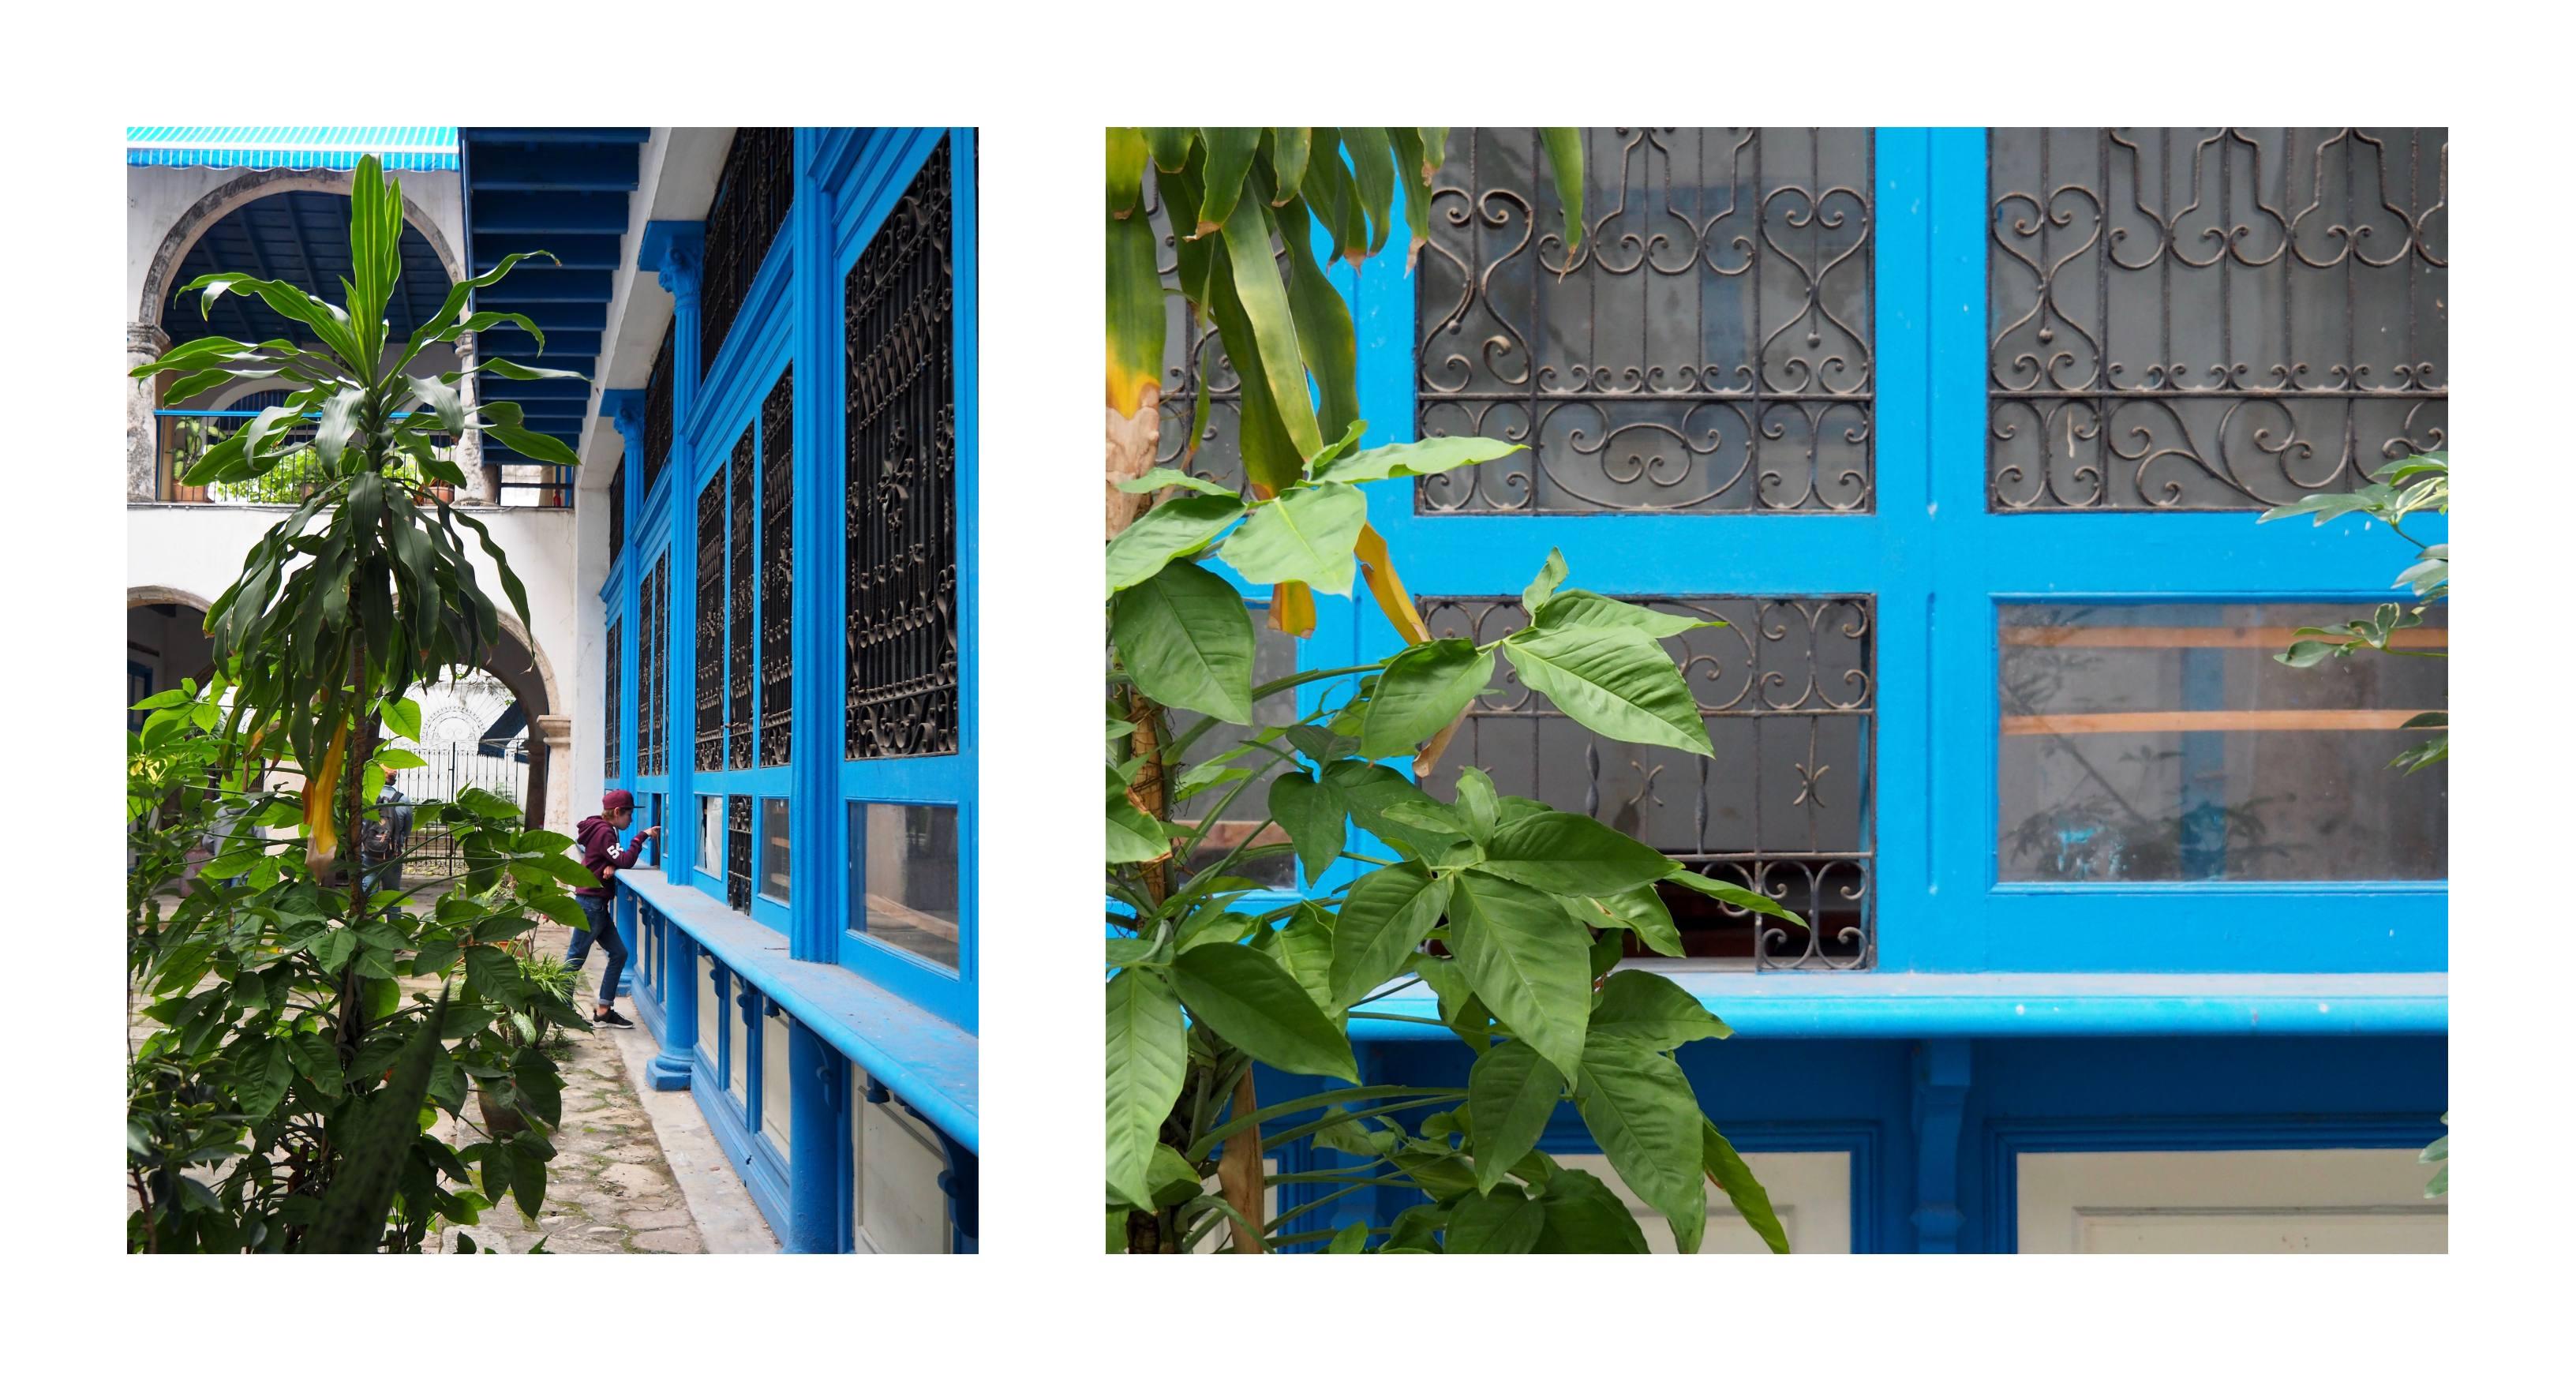 3 jours à la Havane - cour intérieure rénovée